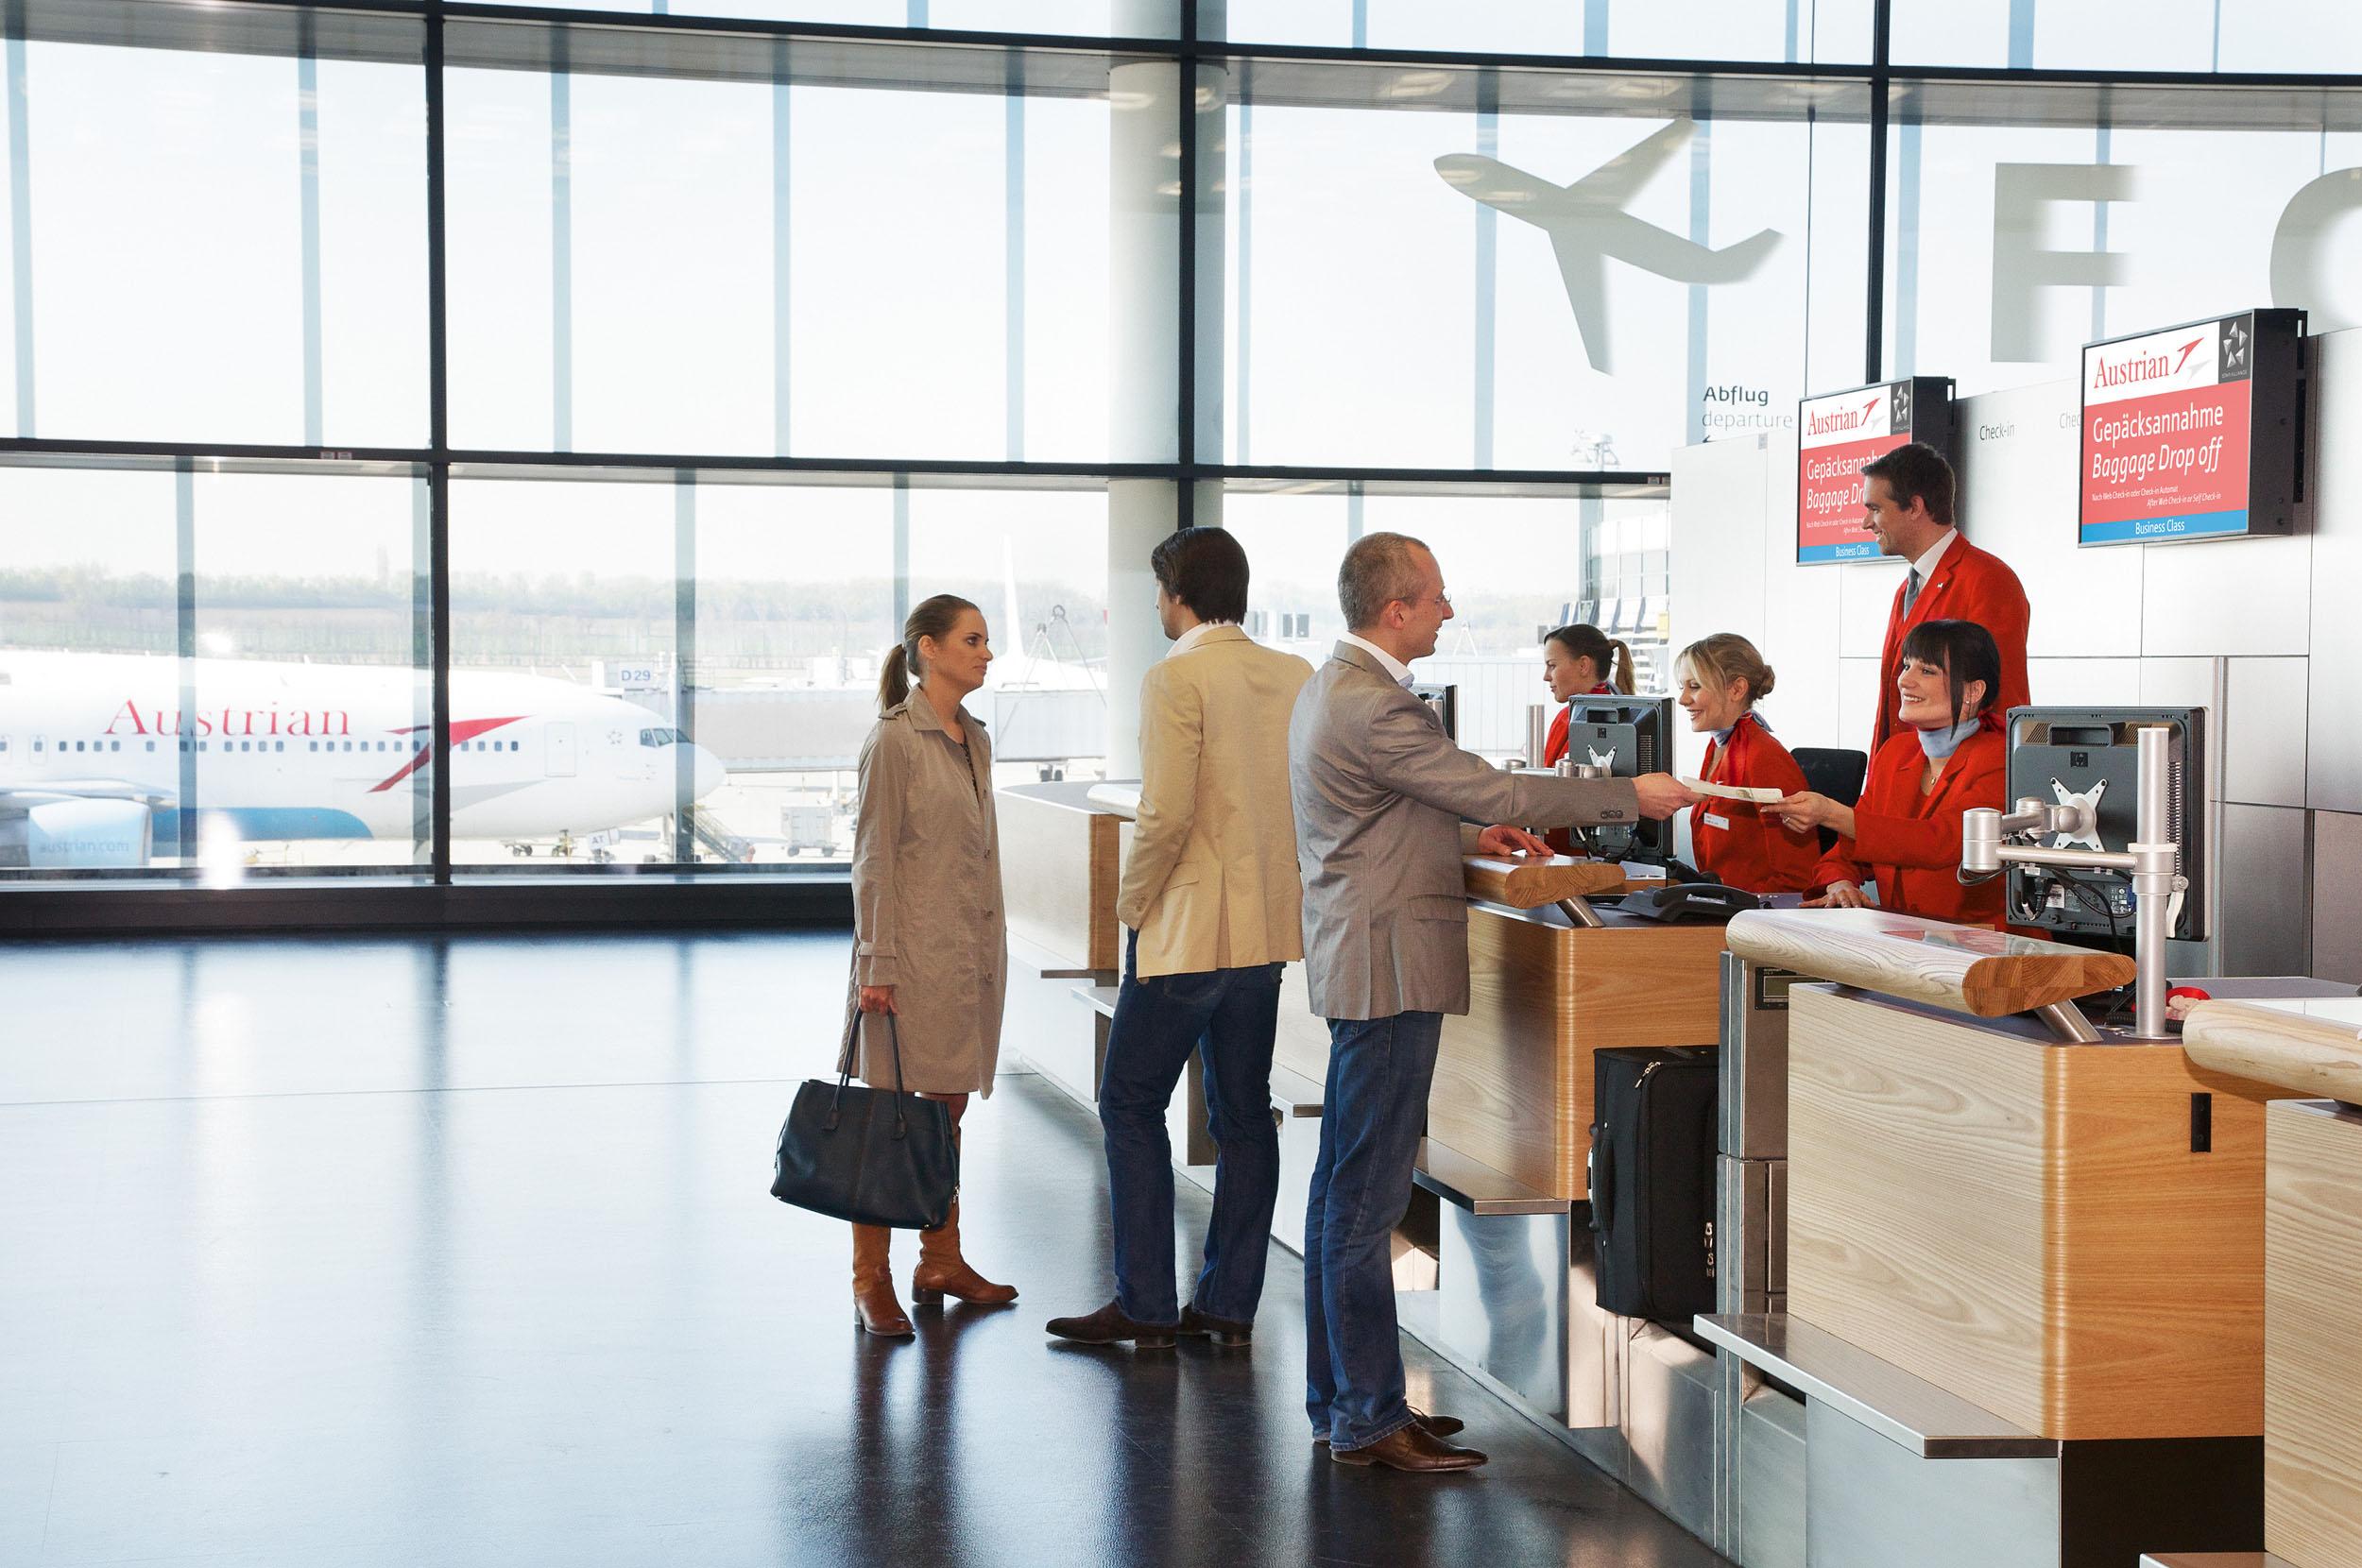 Bečka zračna luka: siječanjsko povećanje putničkog prometa za 7,9%